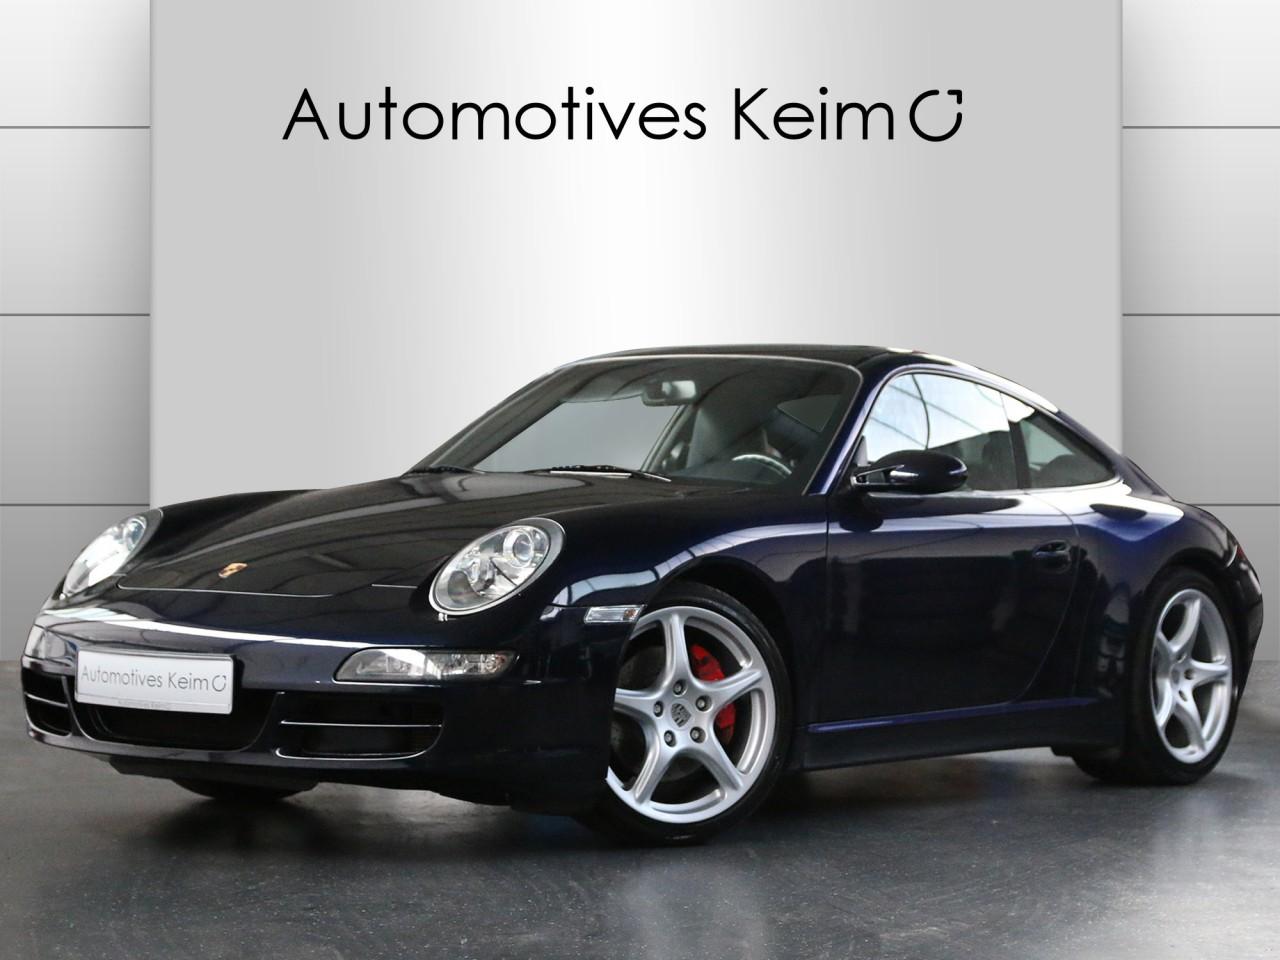 PORSCHE_911_997_Automotives_Keim_GmbH_63500_Seligenstadt_www.automotives-keim.de_oliver_keim_000134